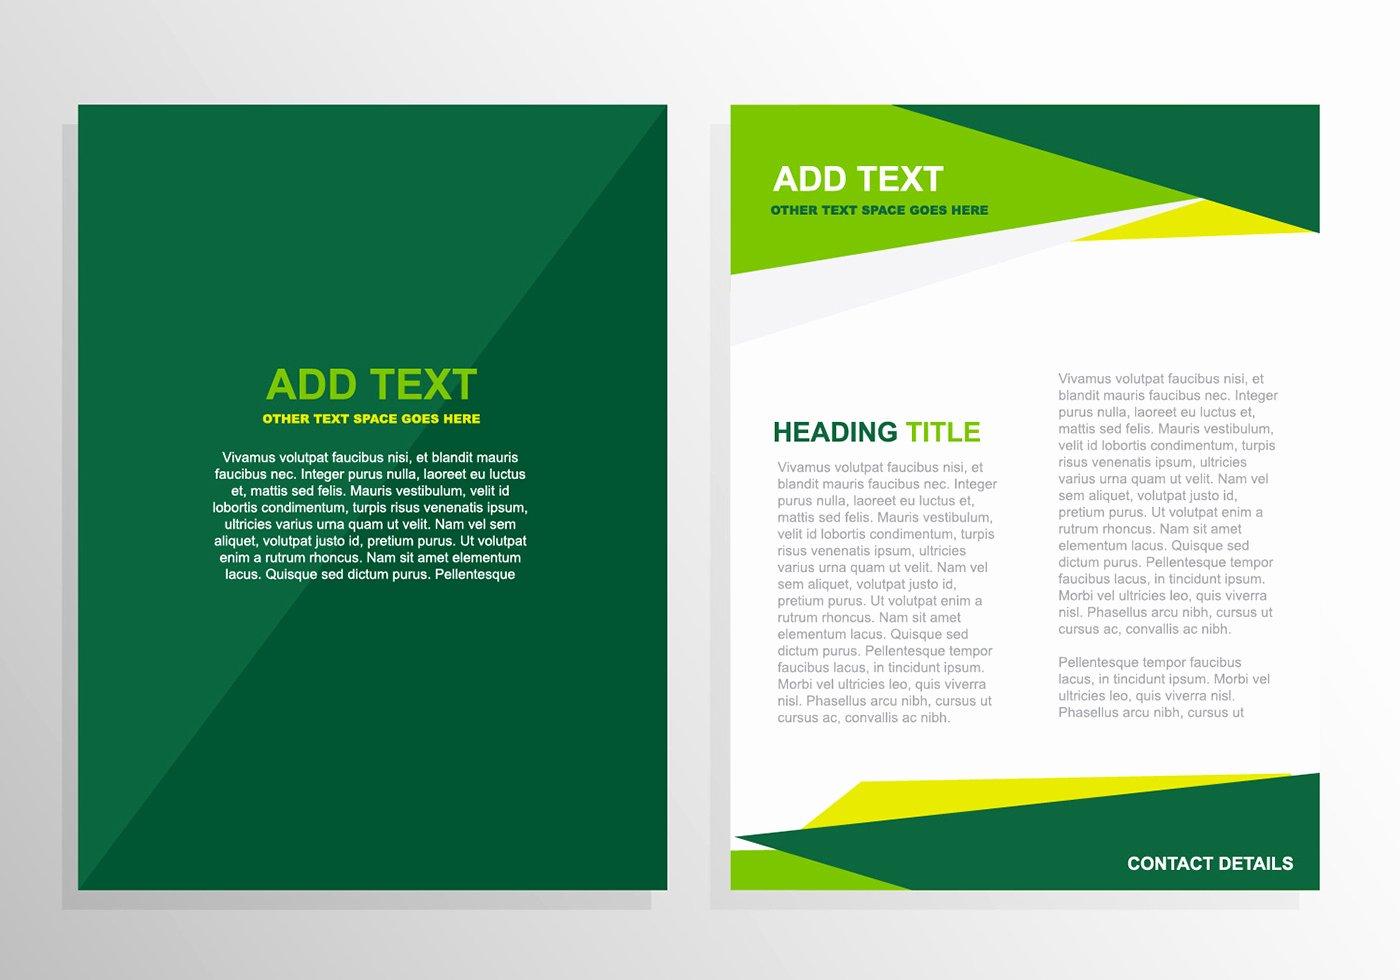 Free Graphic Design Template Unique Free Vector Green Brochure Template Design